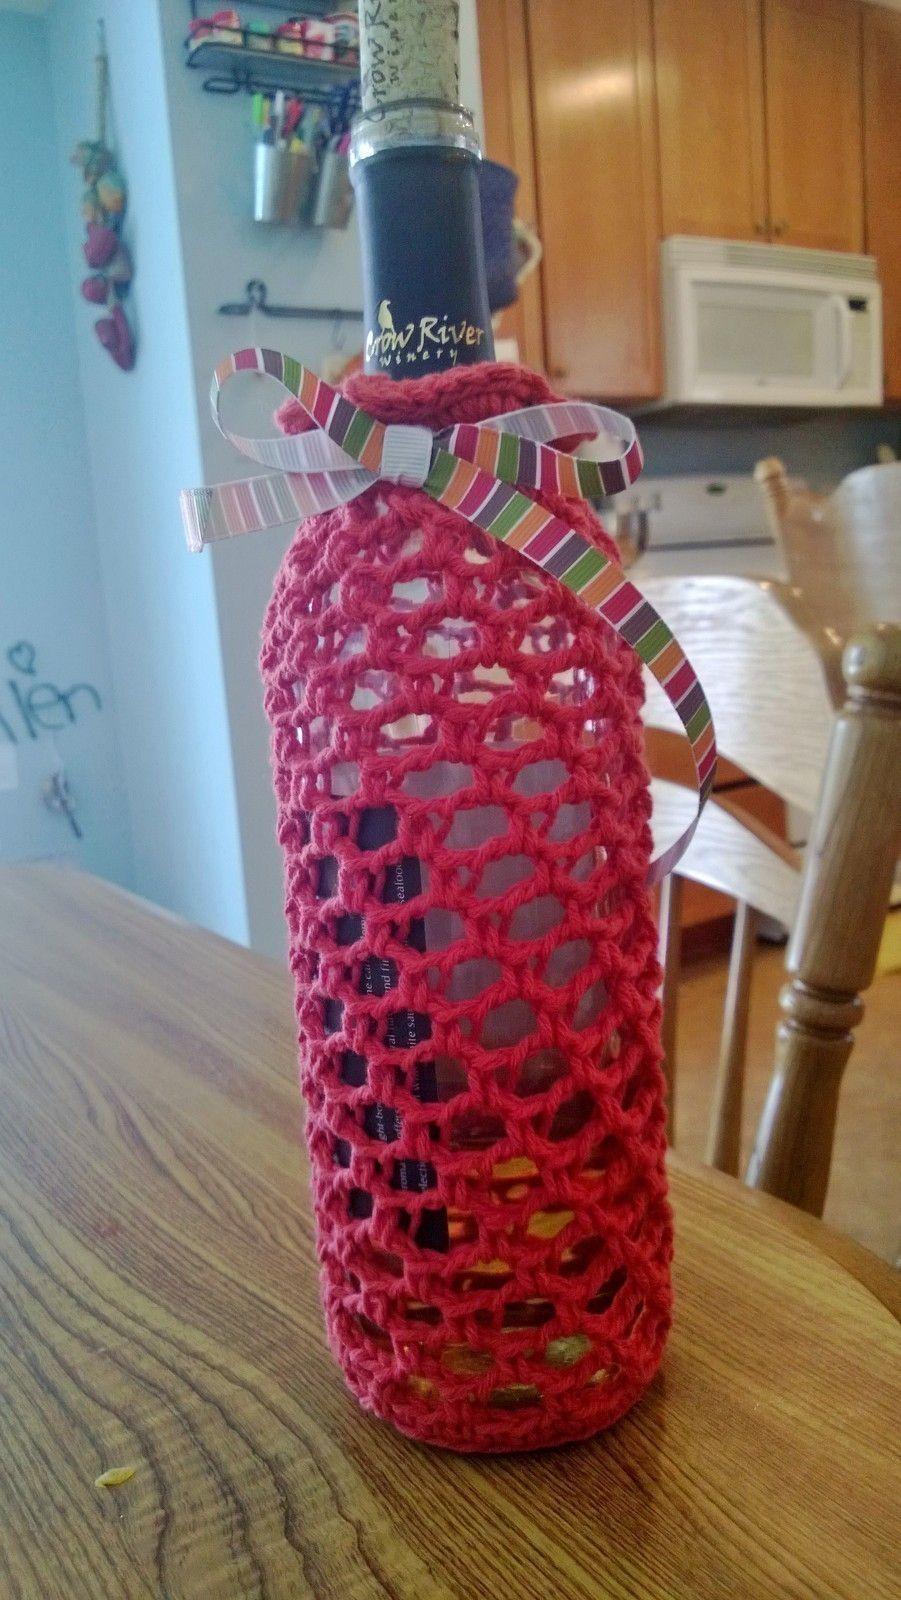 Wine Bottle Cozy | Free crochet, Cozy and Bottle